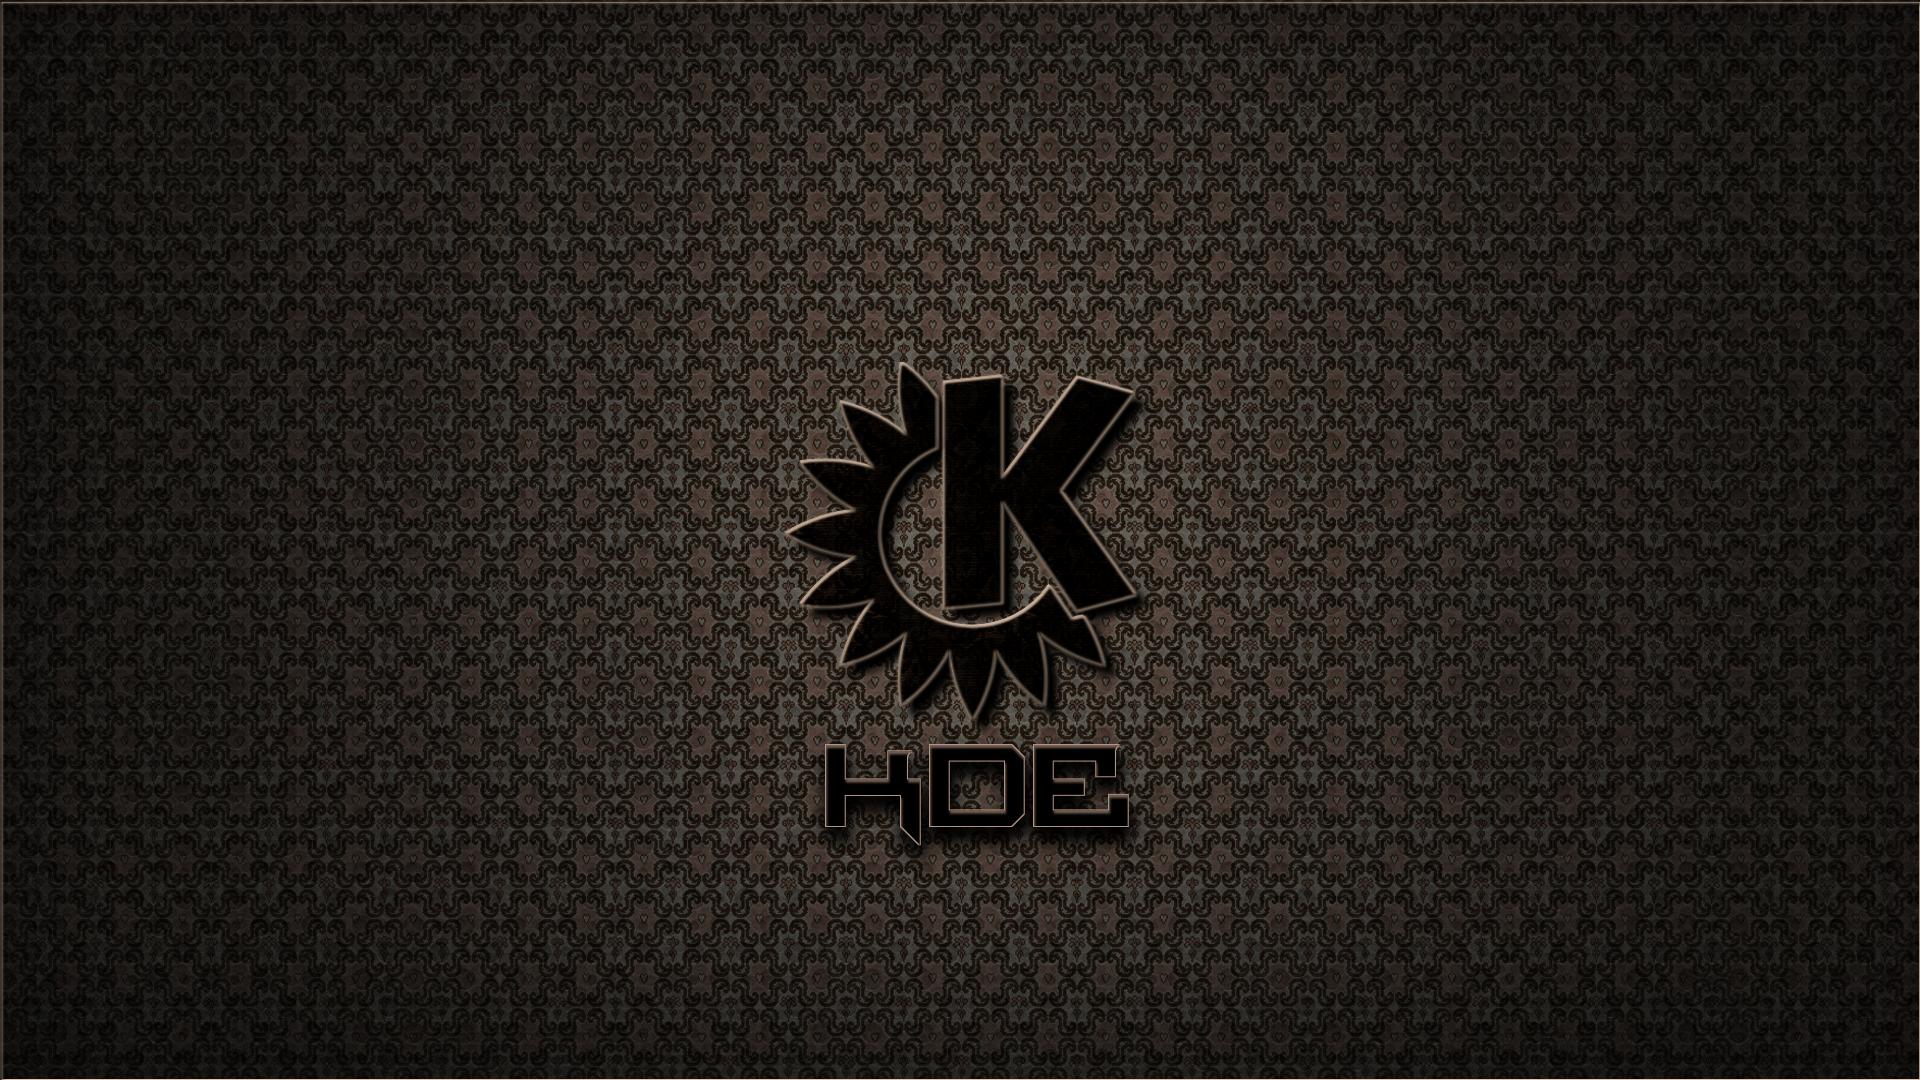 KDE_Wallpaper by giancarlo64